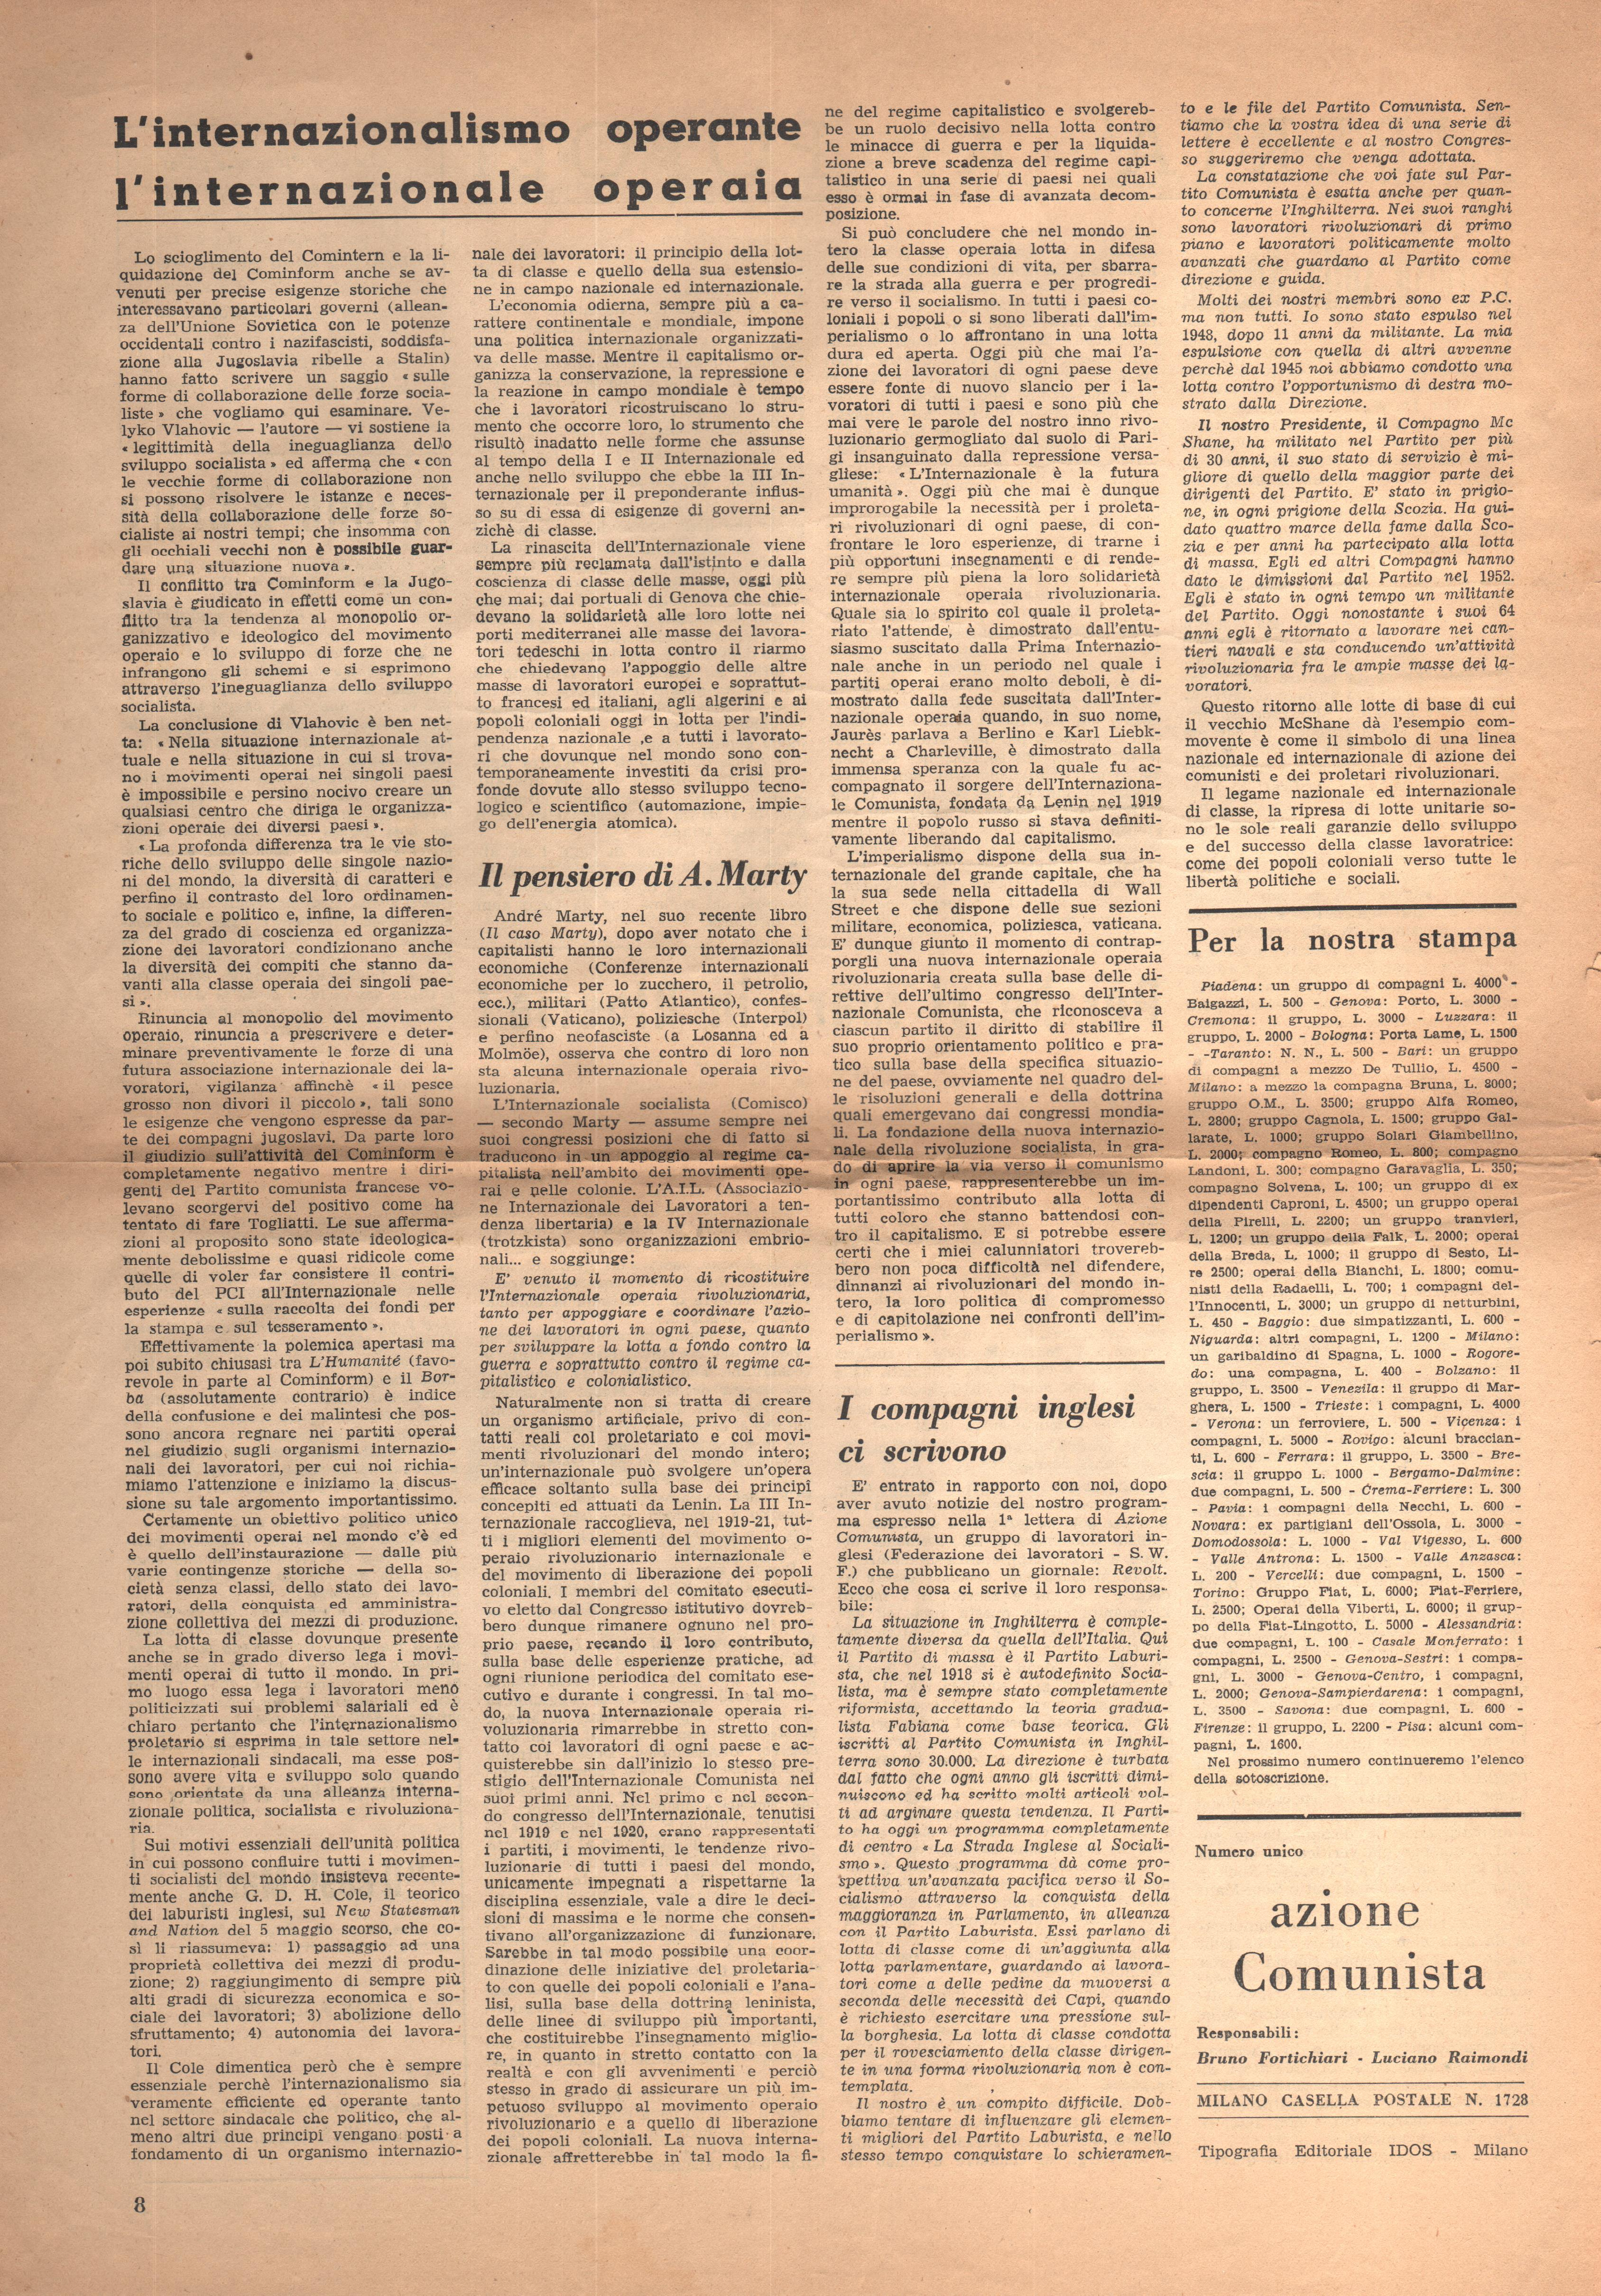 Azione Comunista n. 1 - pag. 8